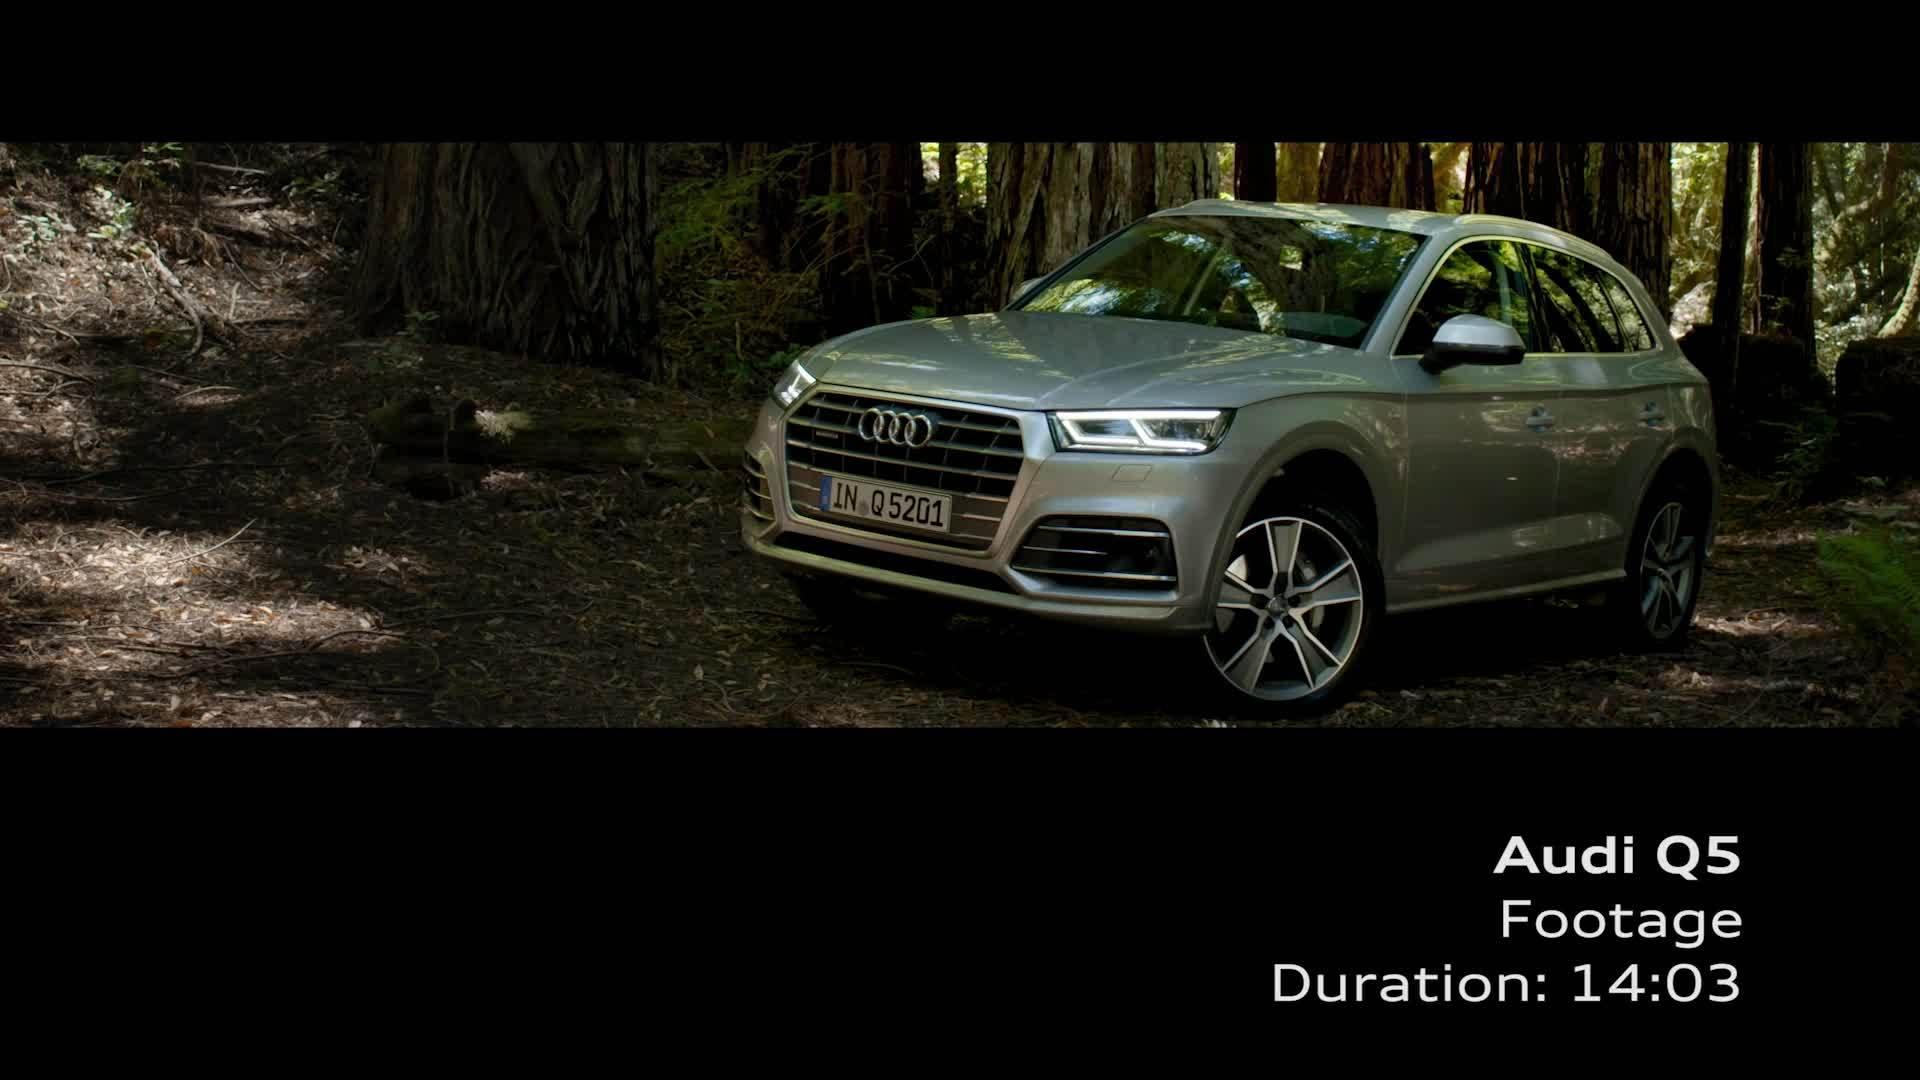 Audi Q5 - Footage Florettsilber